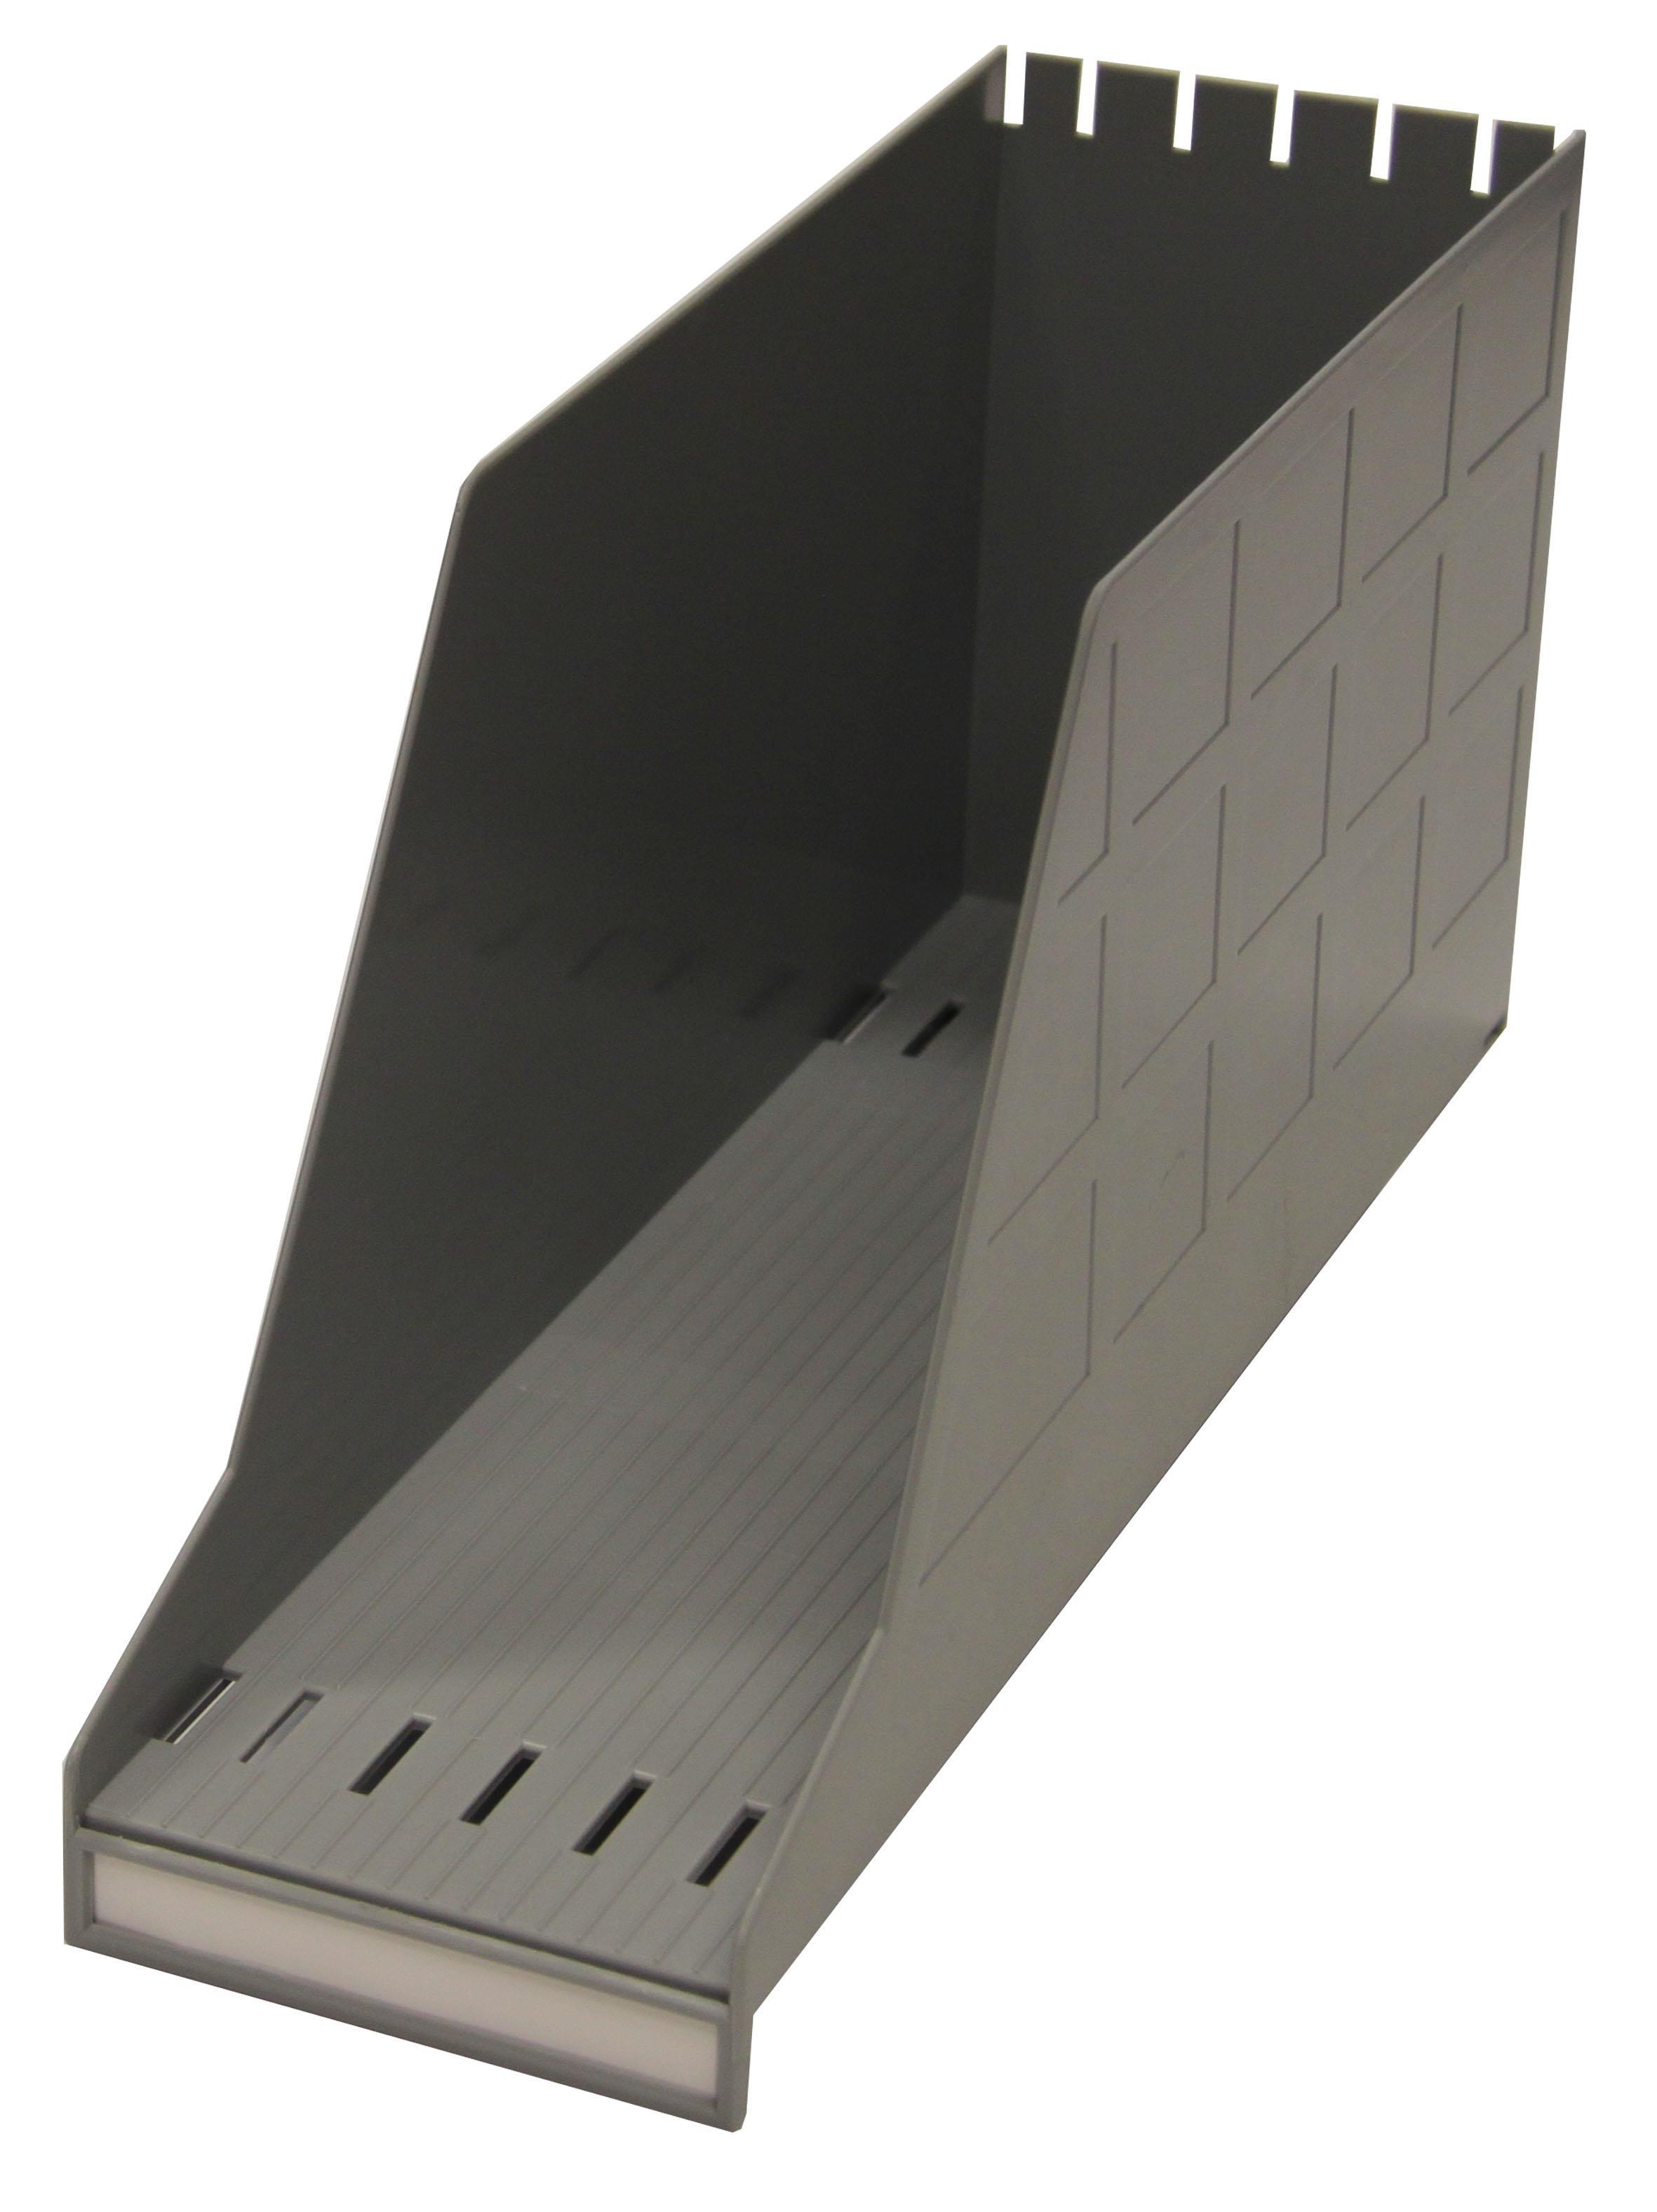 Ordnungsbox für DIN A4, lateral, 10 cm breit, Polystyrol, grau